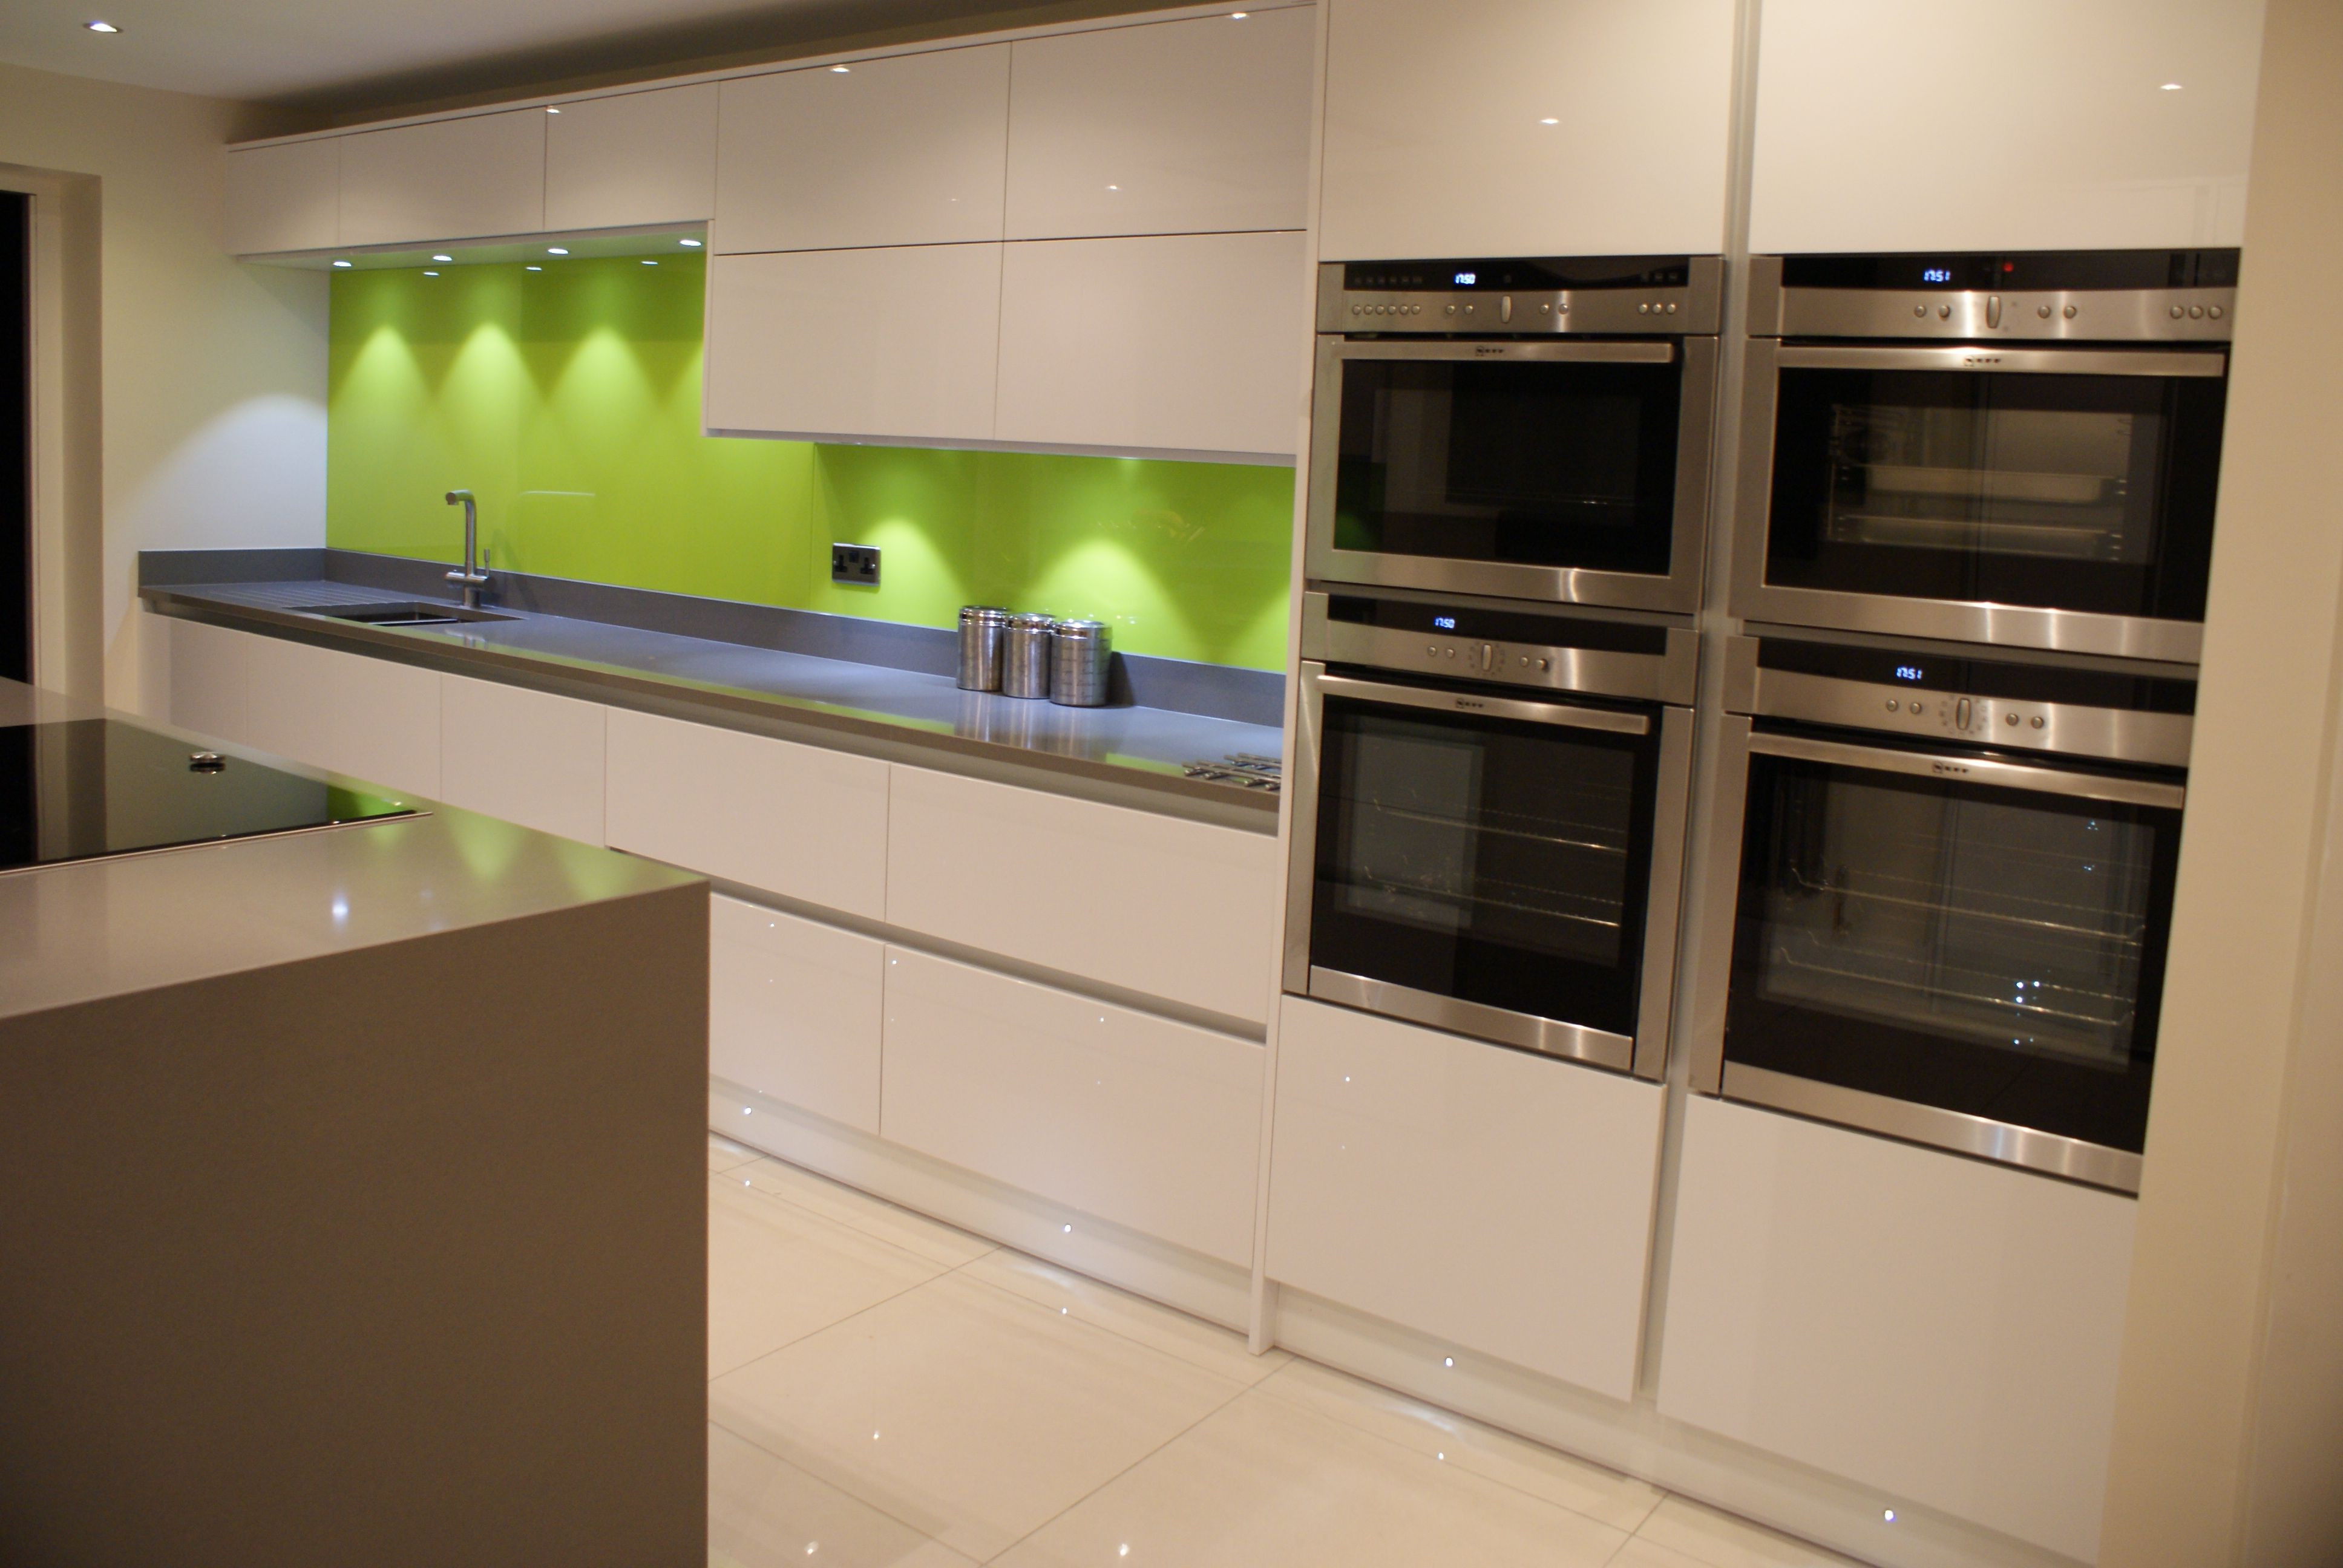 Purple Kitchens, Liverpool Kitchen  Neff Steam Oven C47D22N3Gb Neff